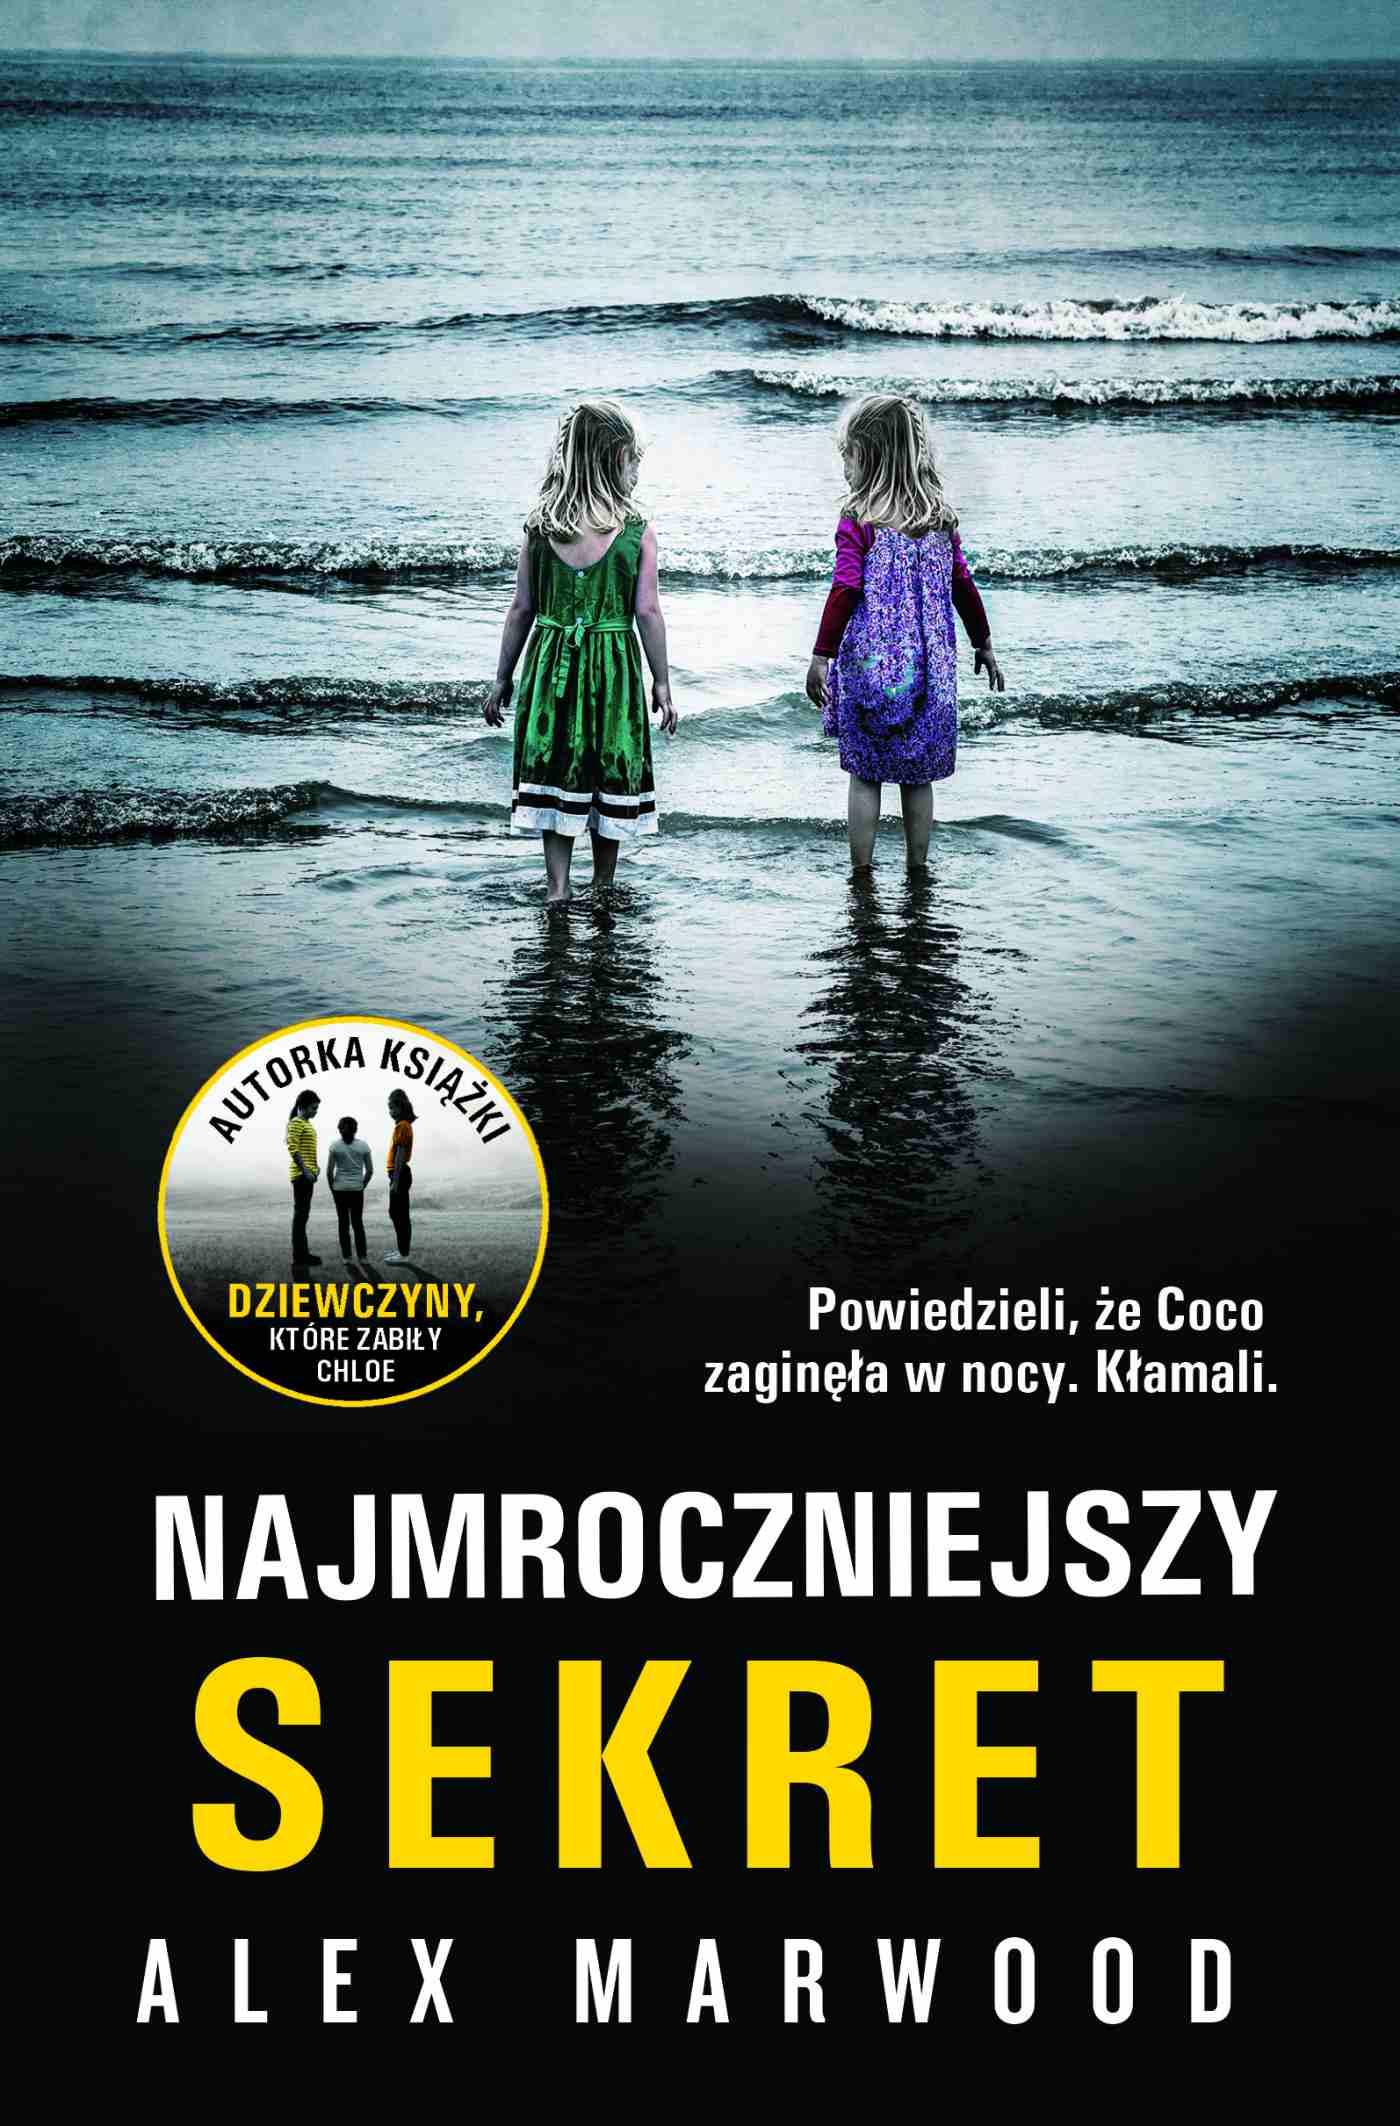 Najmroczniejszy sekret - Ebook (Książka EPUB) do pobrania w formacie EPUB